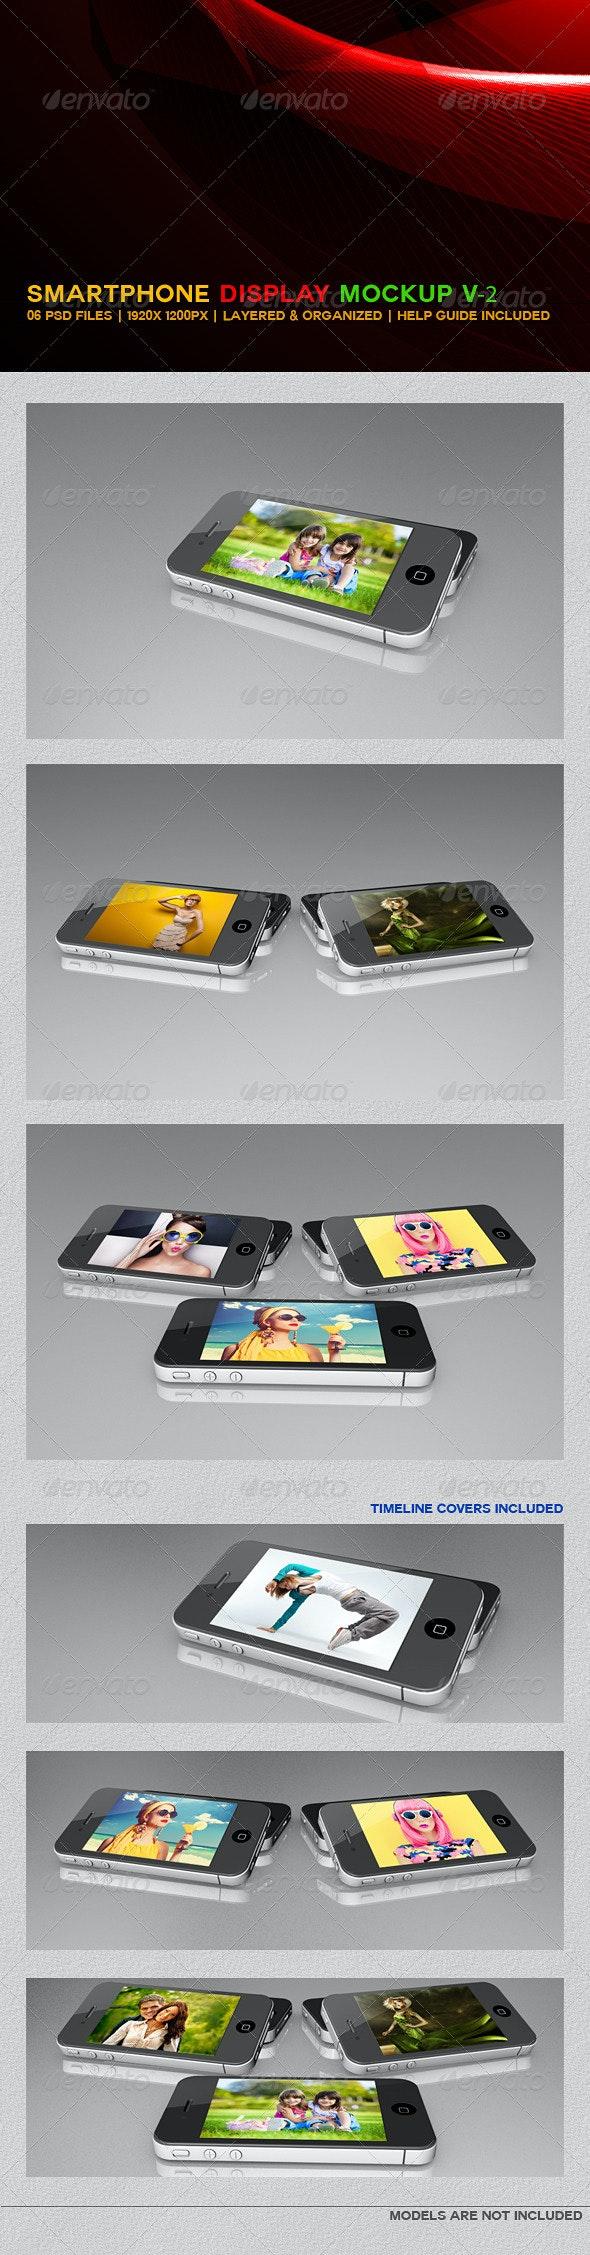 Smartphone Display Mockup V2 - Mobile Displays